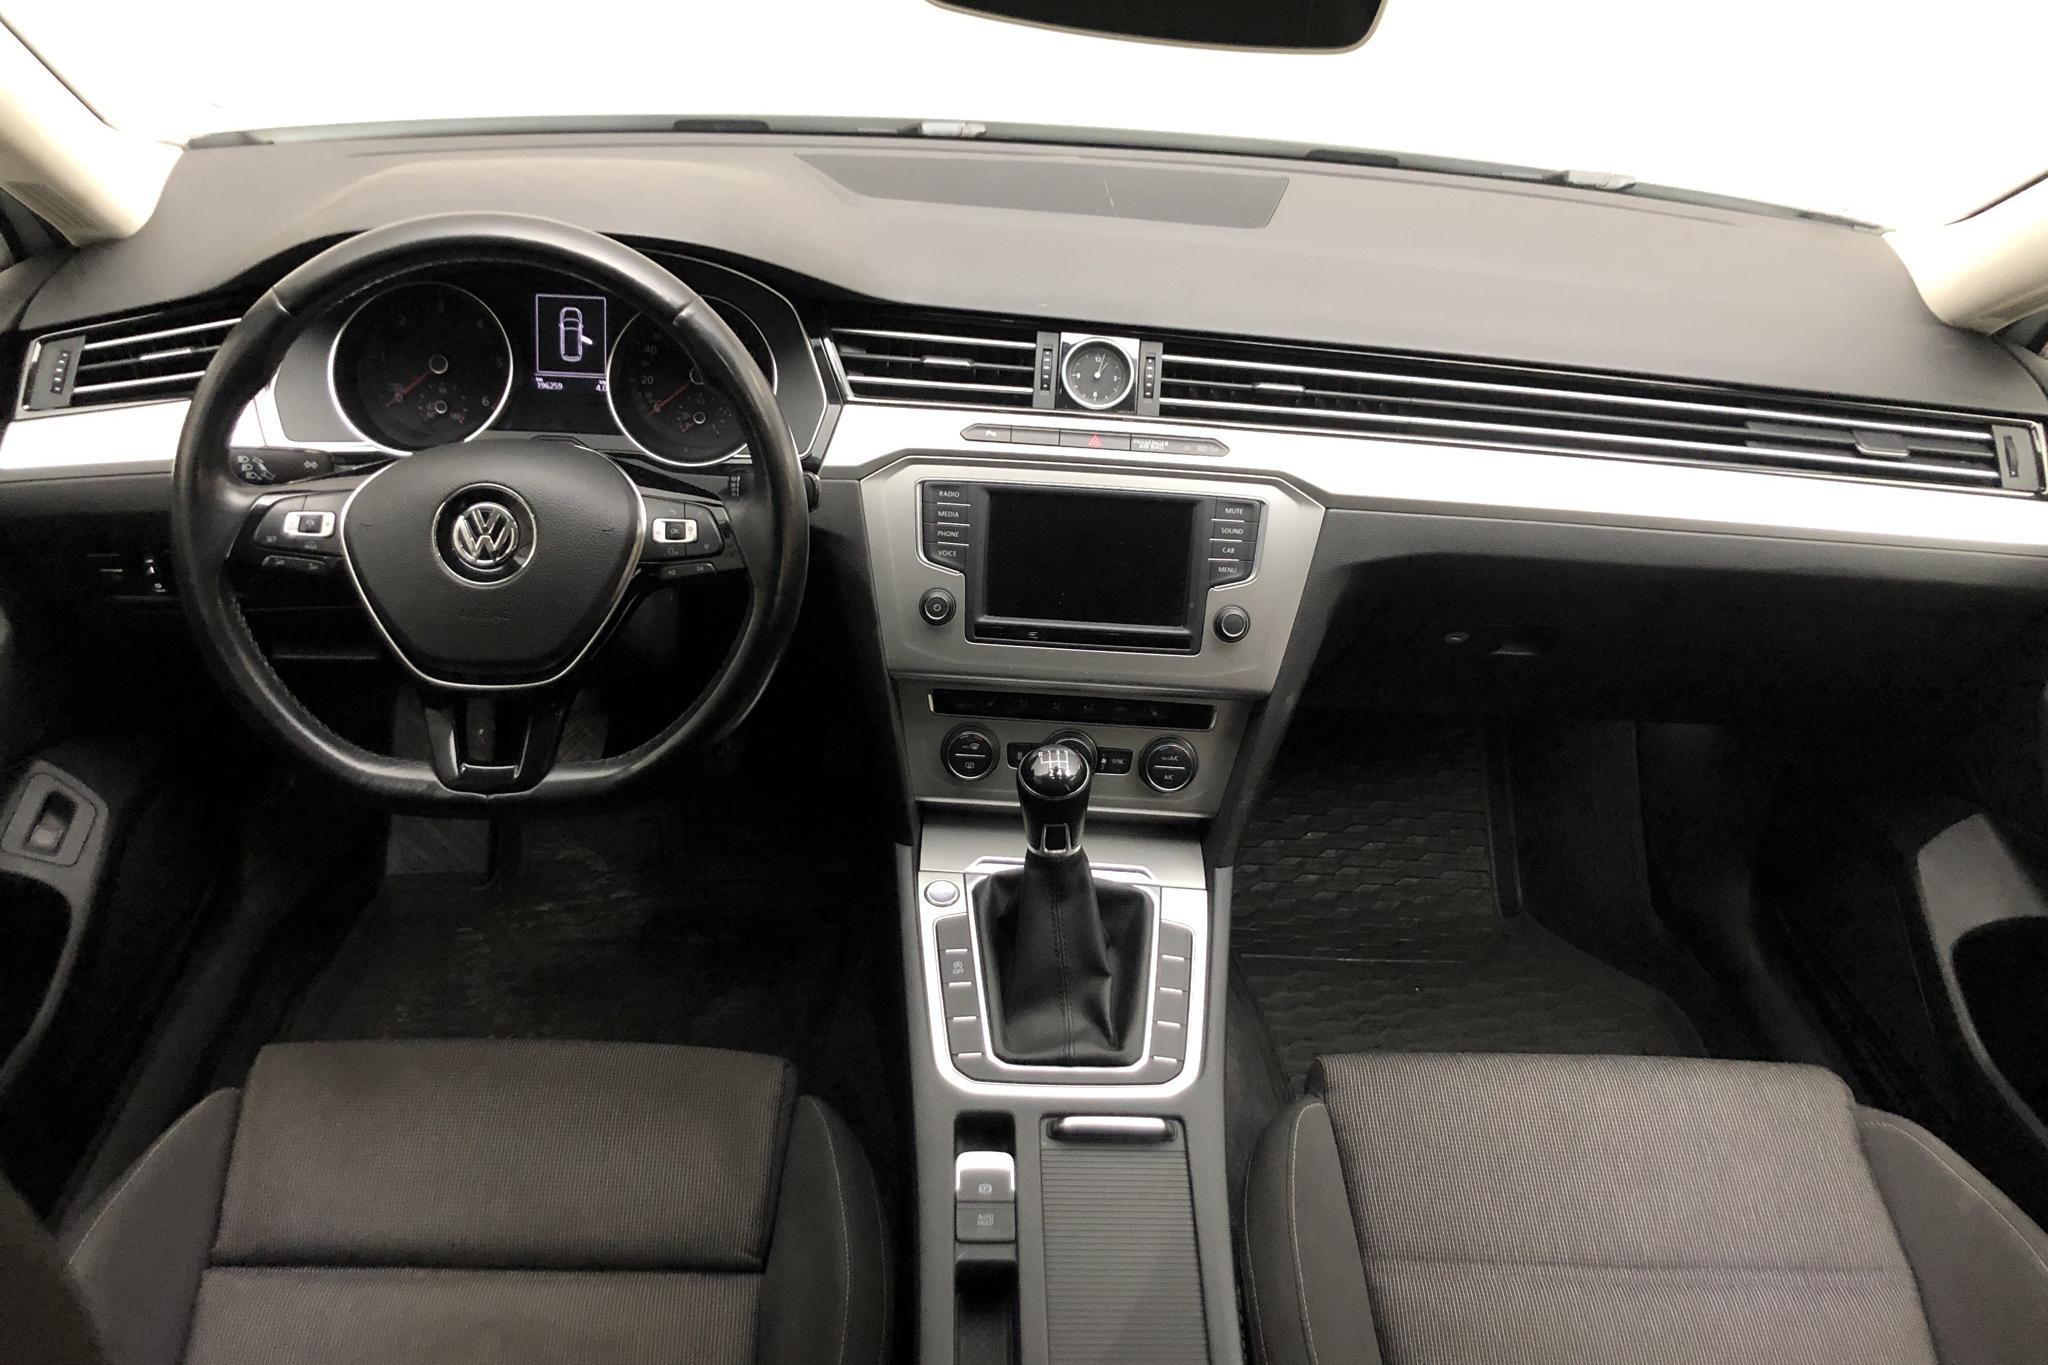 VW Passat 2.0 TDI Sportscombi (150hk) - 196 250 km - Manual - white - 2015